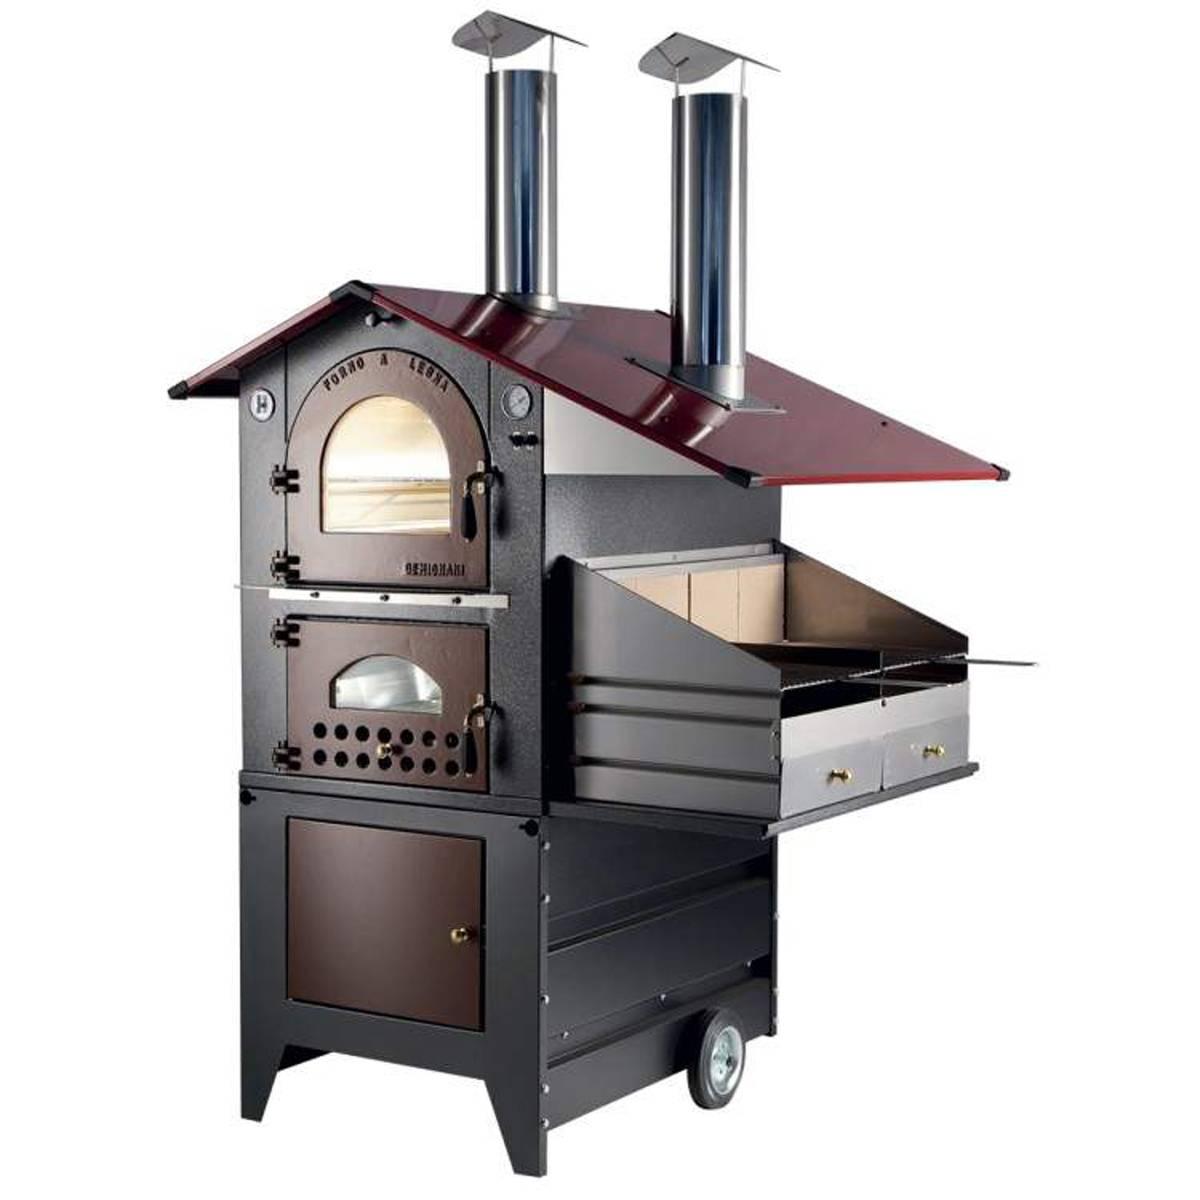 Forno a legna gemignani a fuoco indiretto da esterno mod g95 barbecue quaranta store - Barbecue da esterno prezzi ...